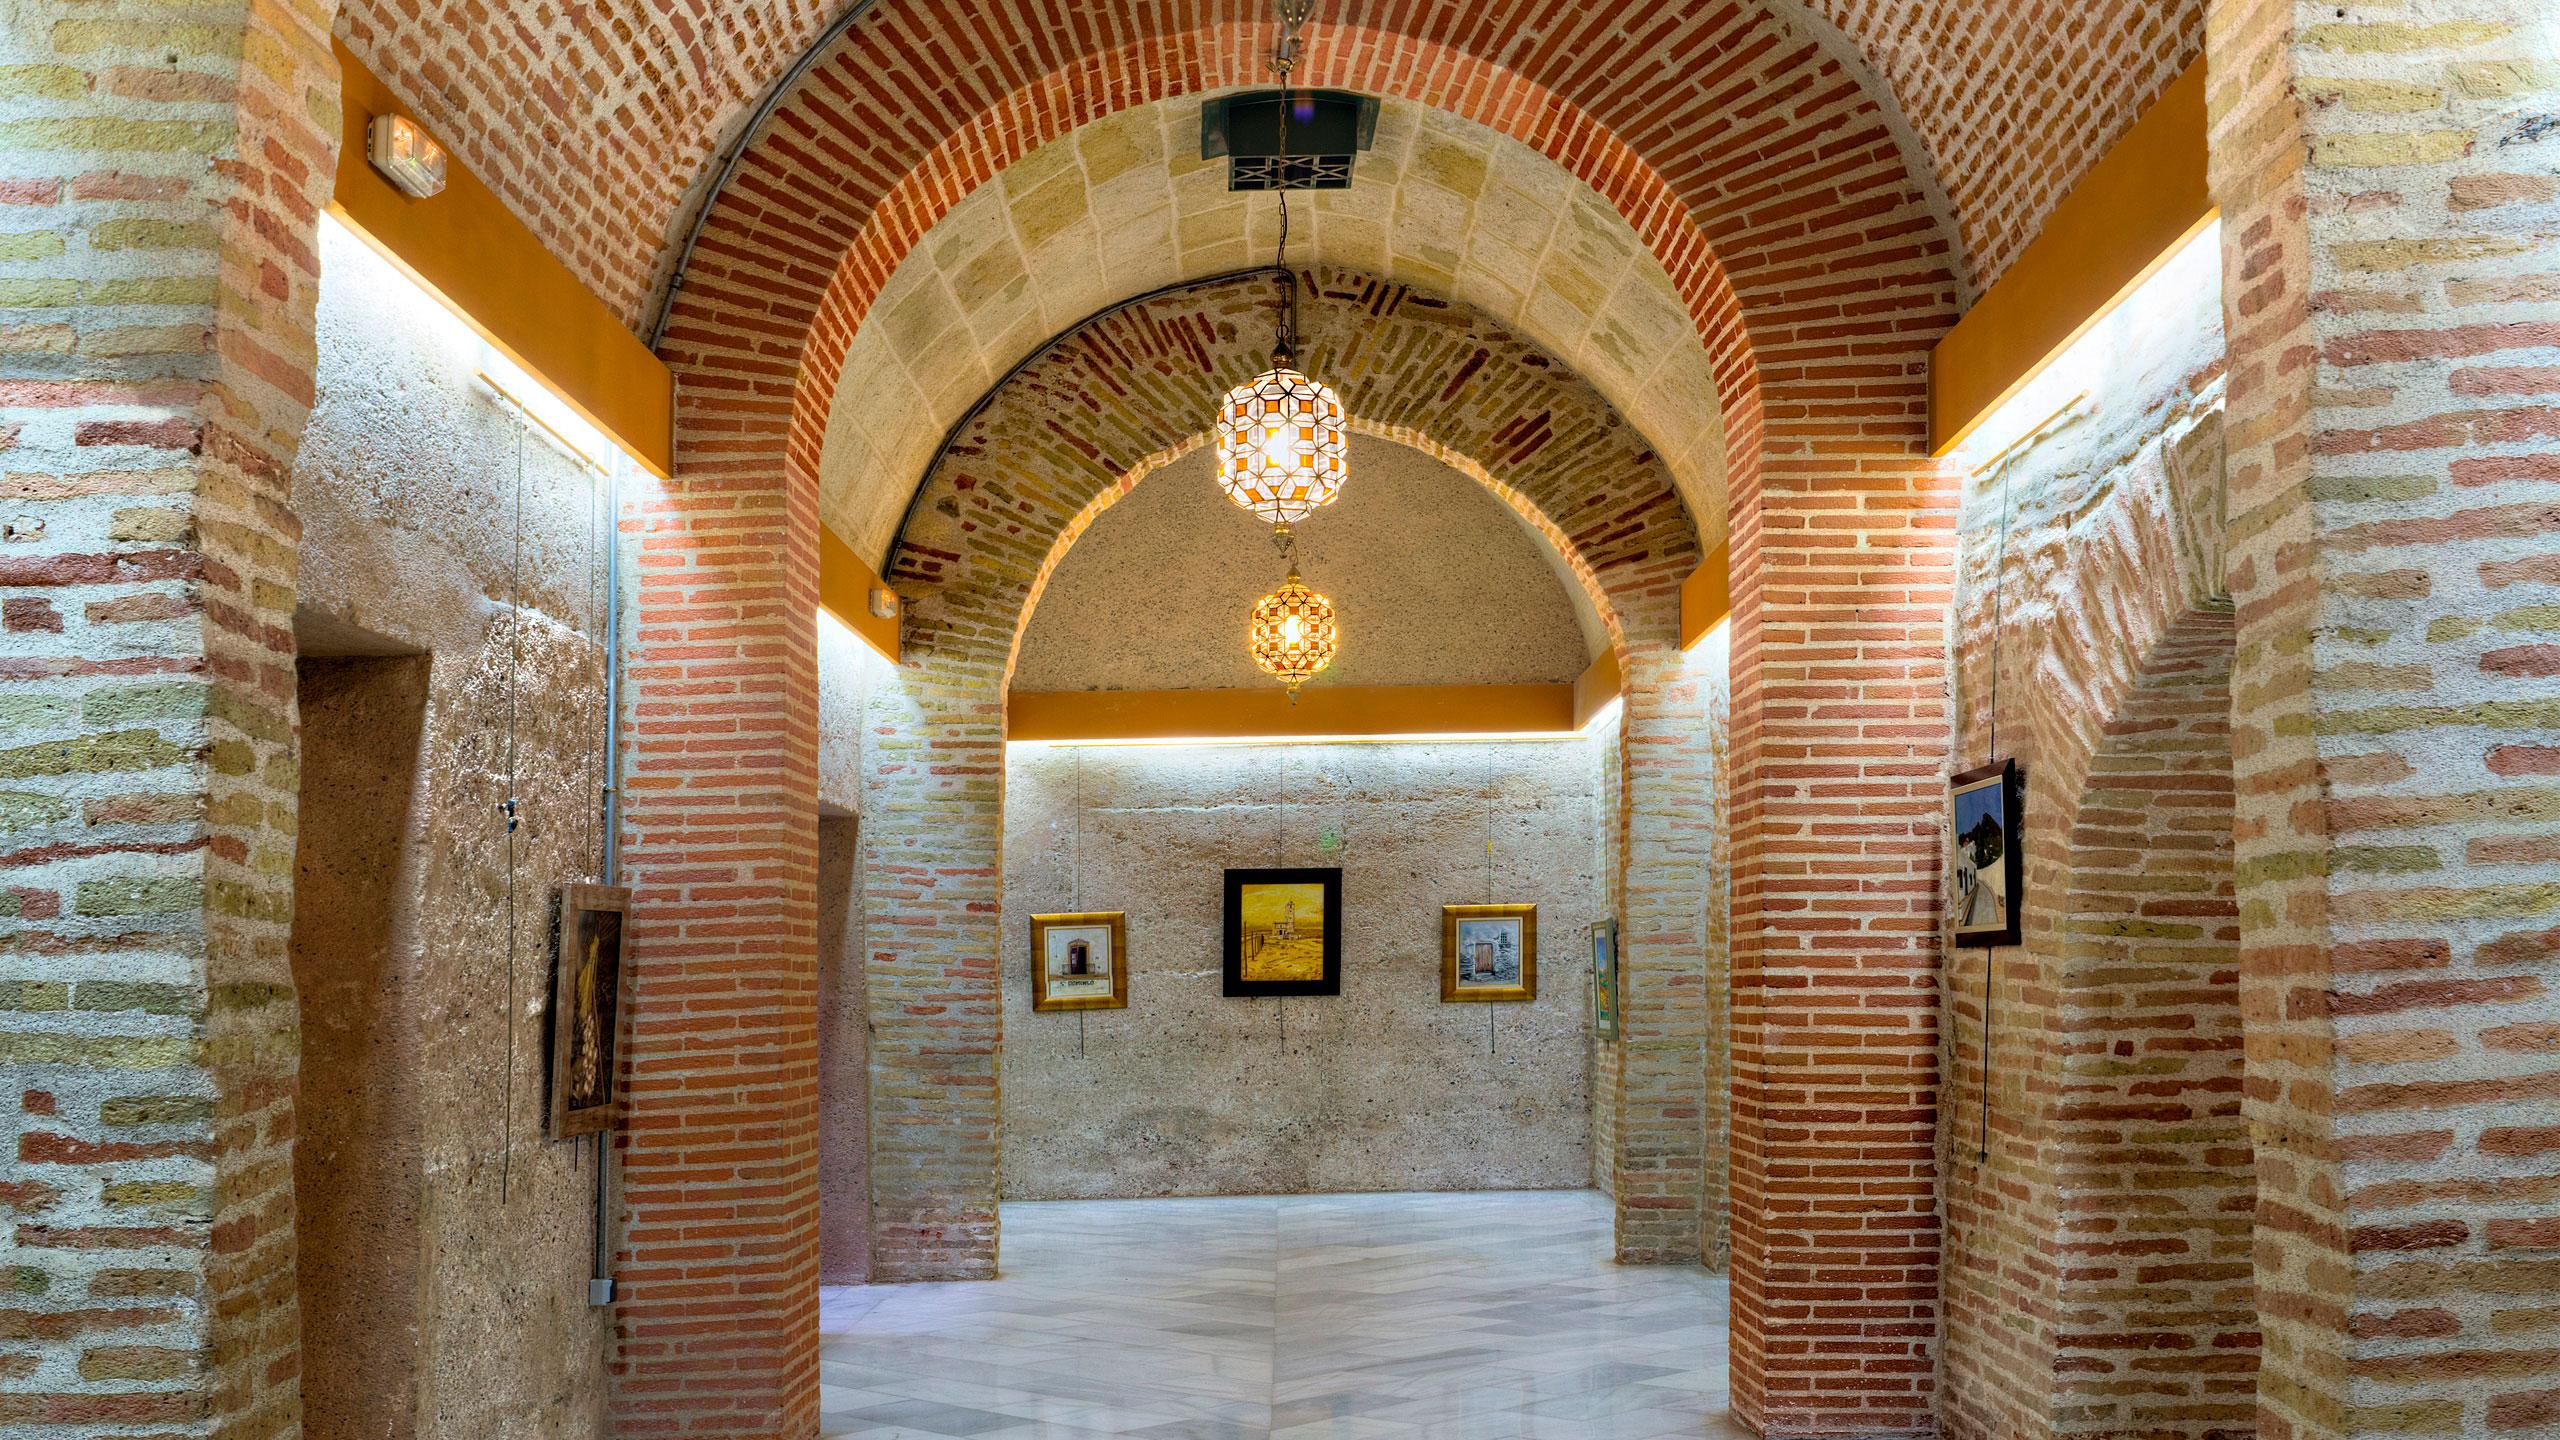 Arab cisterns